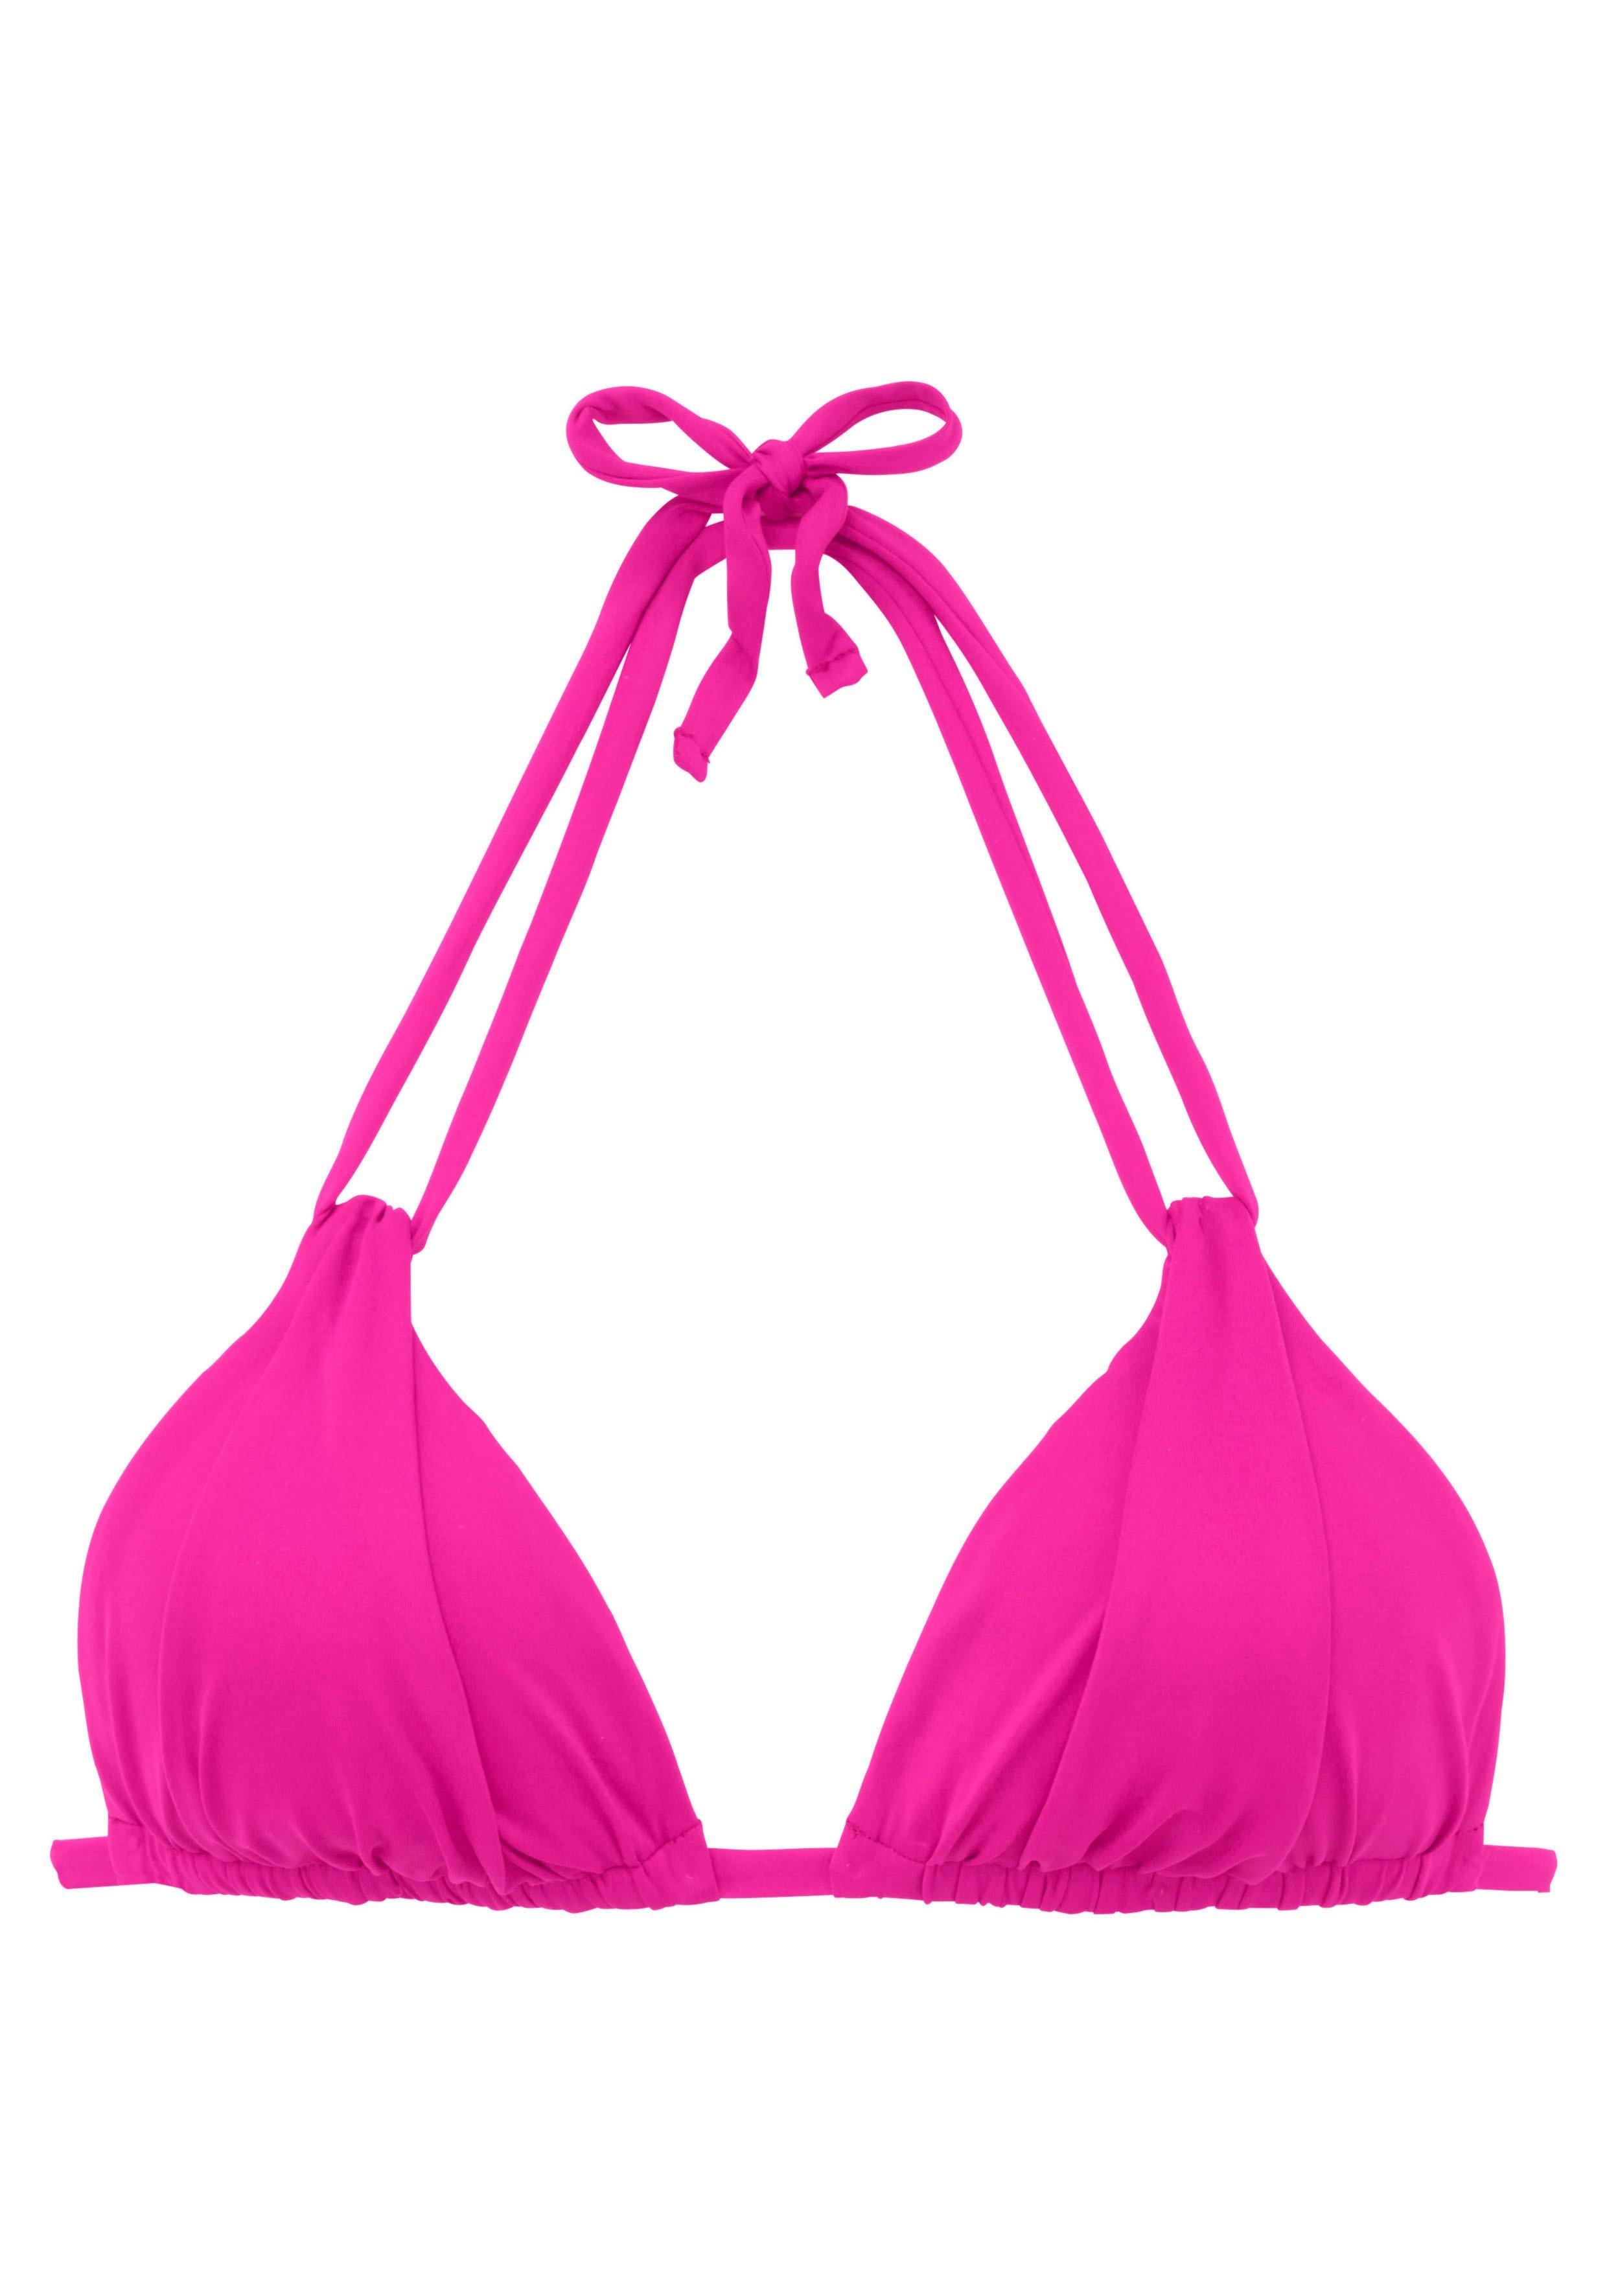 s.Oliver RED LABEL Beachwear Triangel-bikinitop Spain met plooi en dubbele bandjes nu online kopen bij Lascana